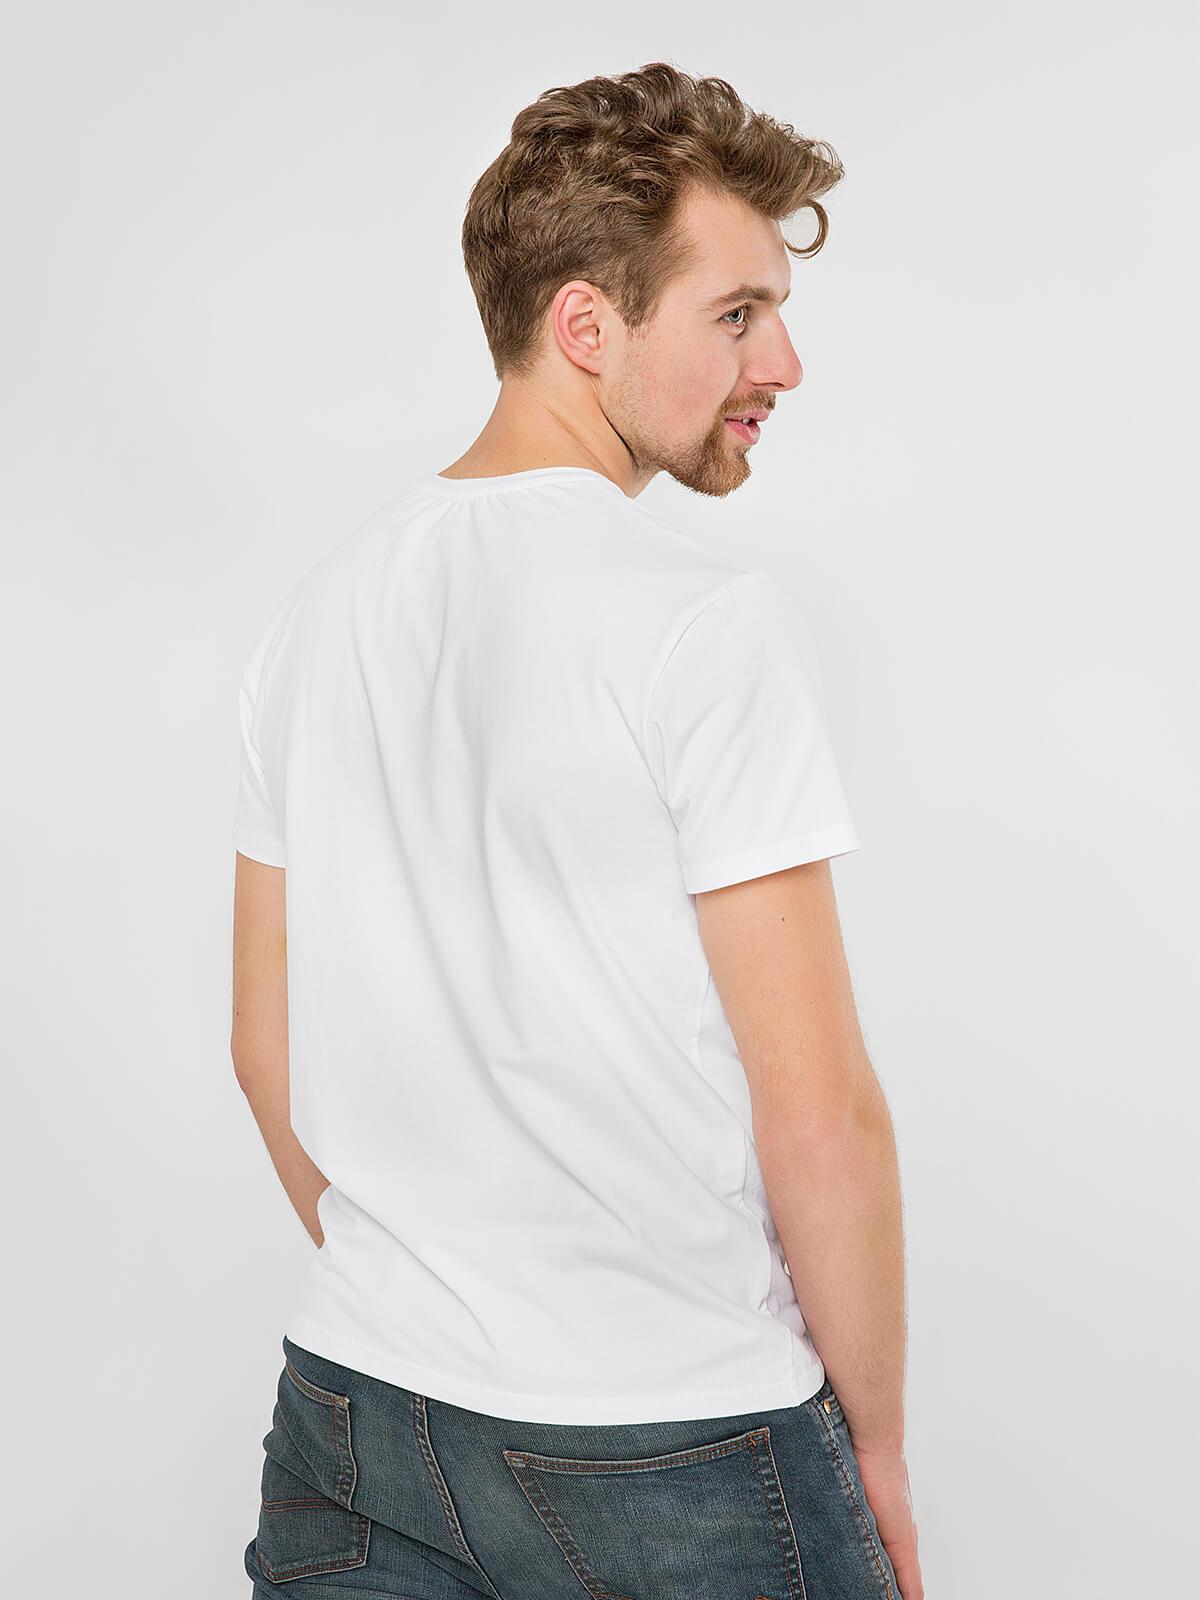 Чоловіча Футболка Сова. Колір білий.  Матеріал: 95% бавовна, 5% спандекс.